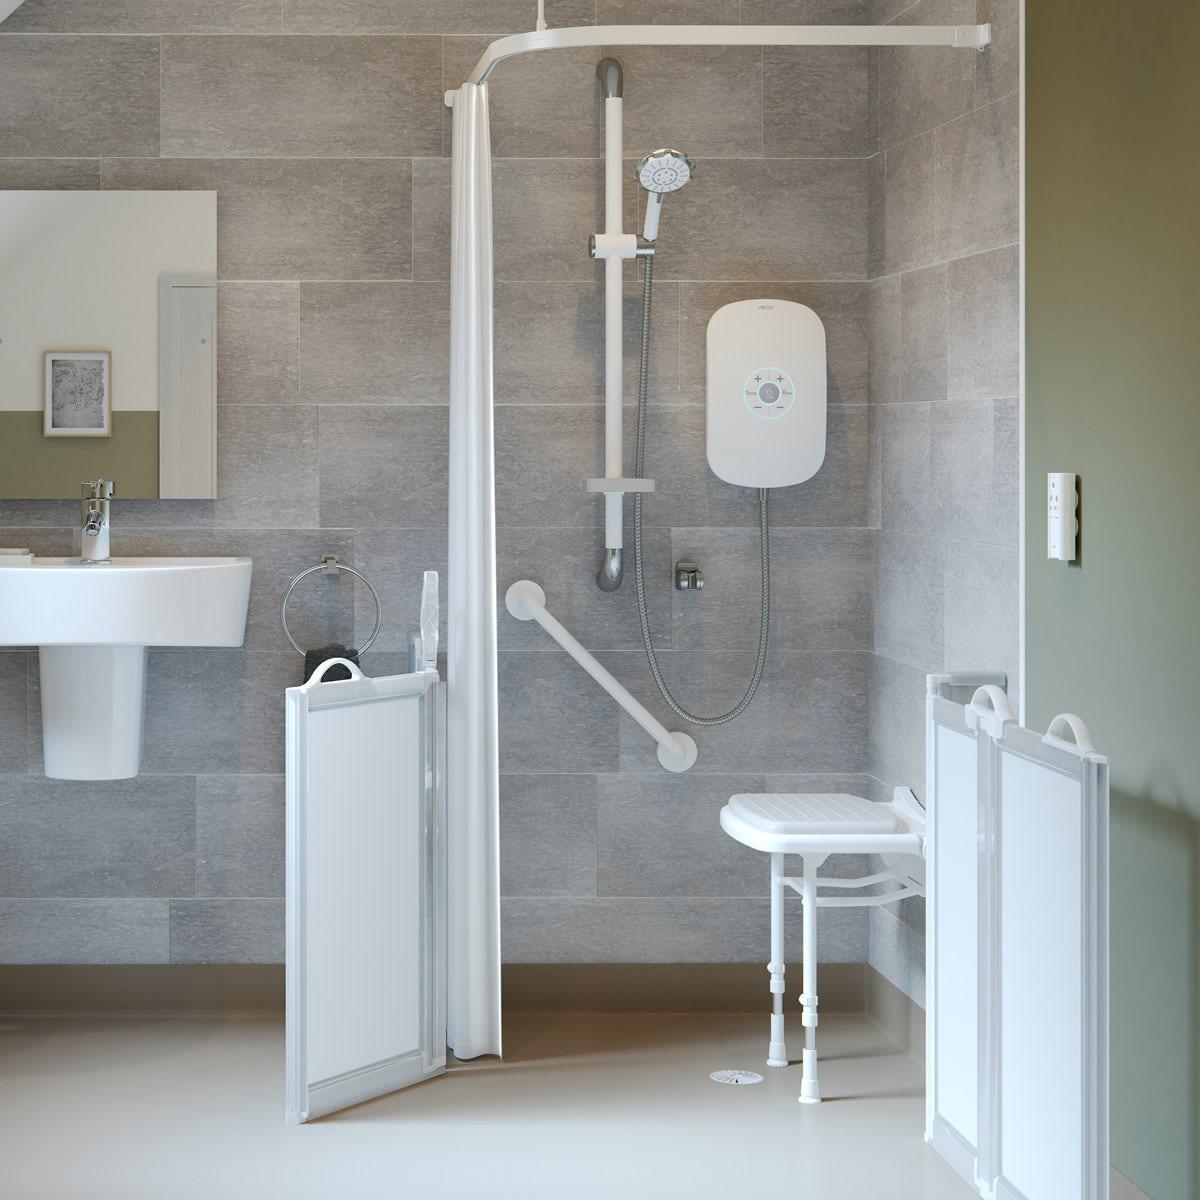 Akw shower curtain 1800 x 2100 for 1800s bathroom decor